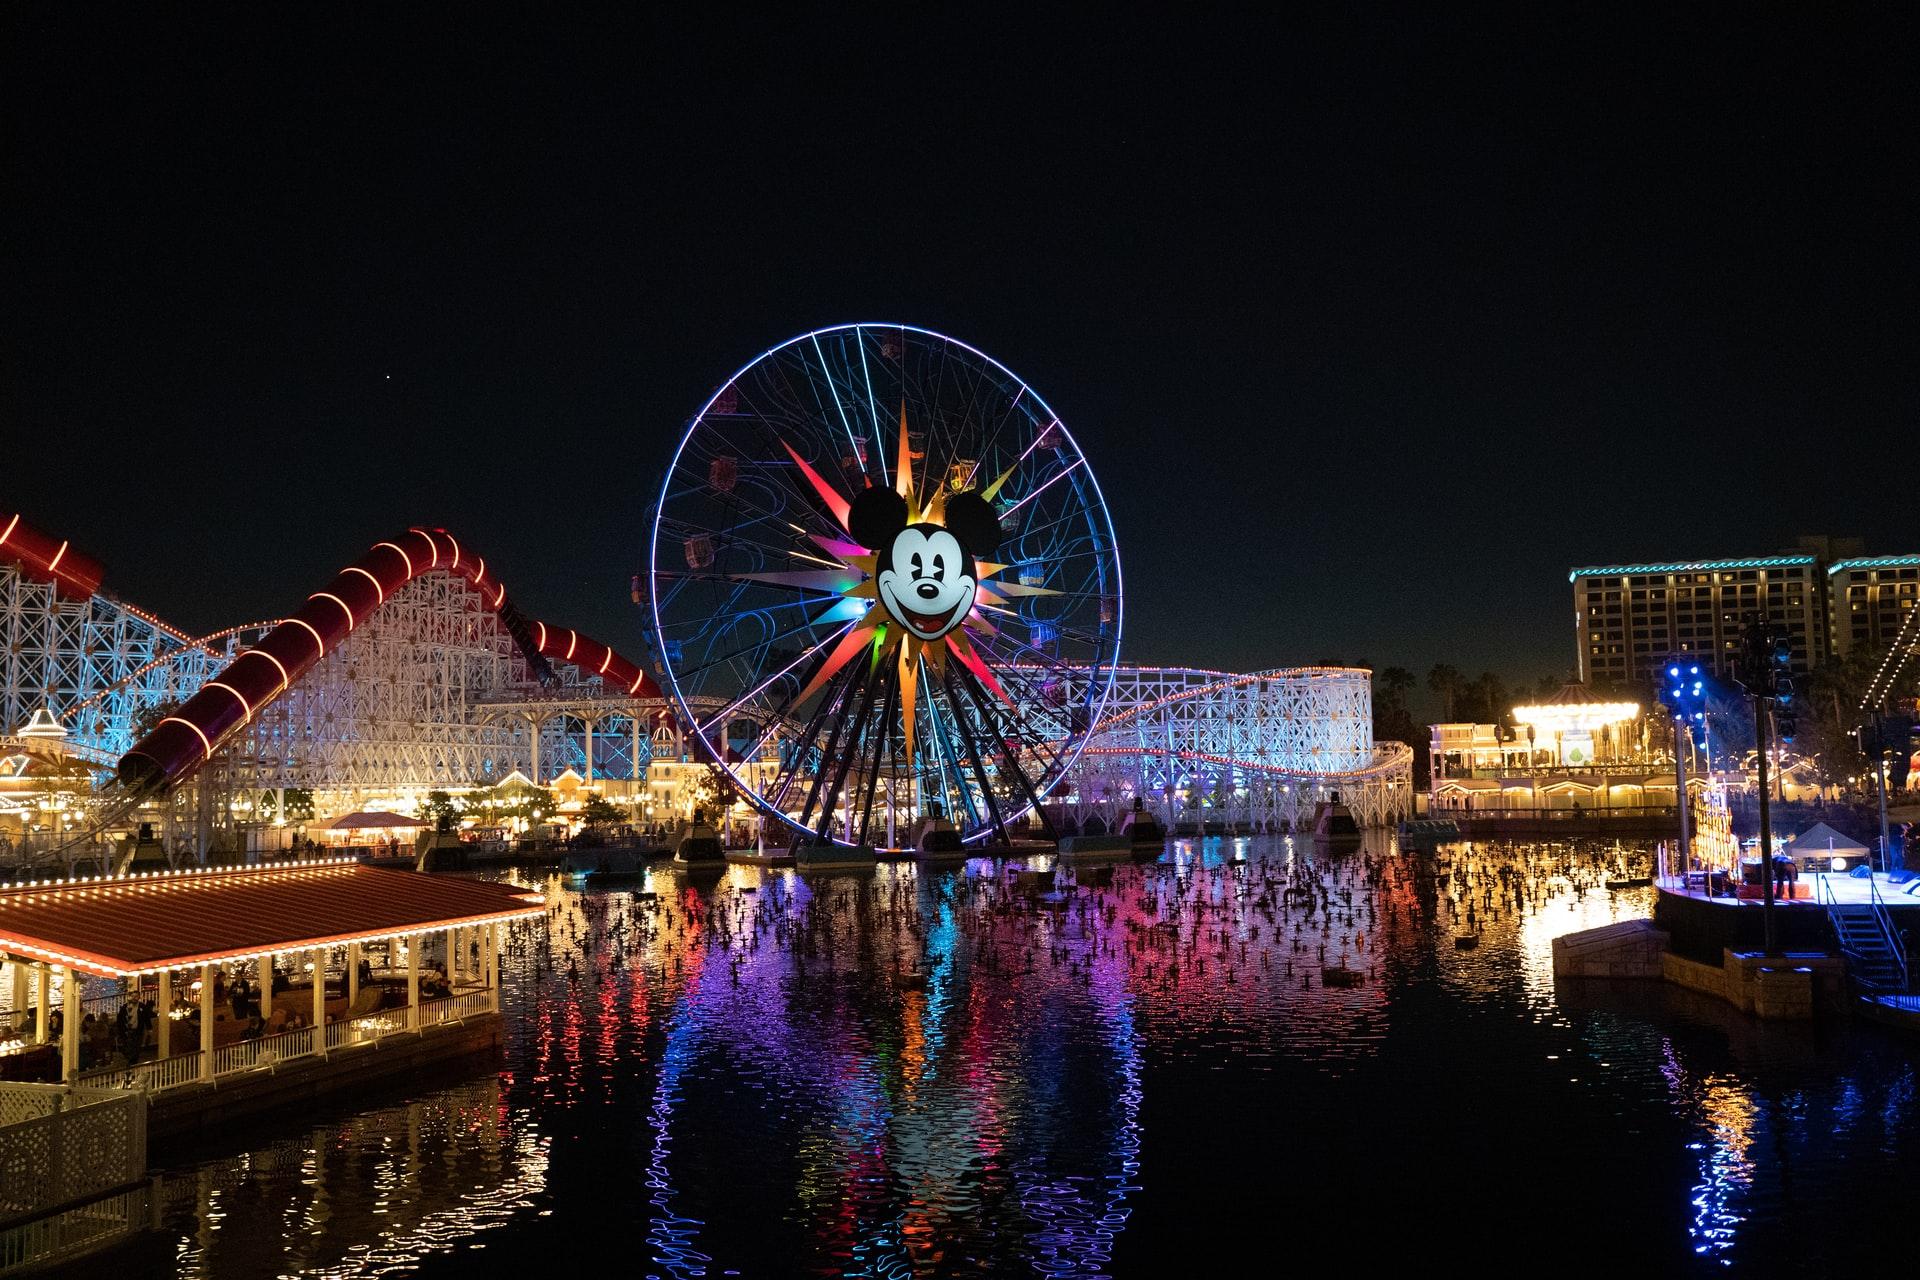 Disneyland amusement park in Anaheim, California